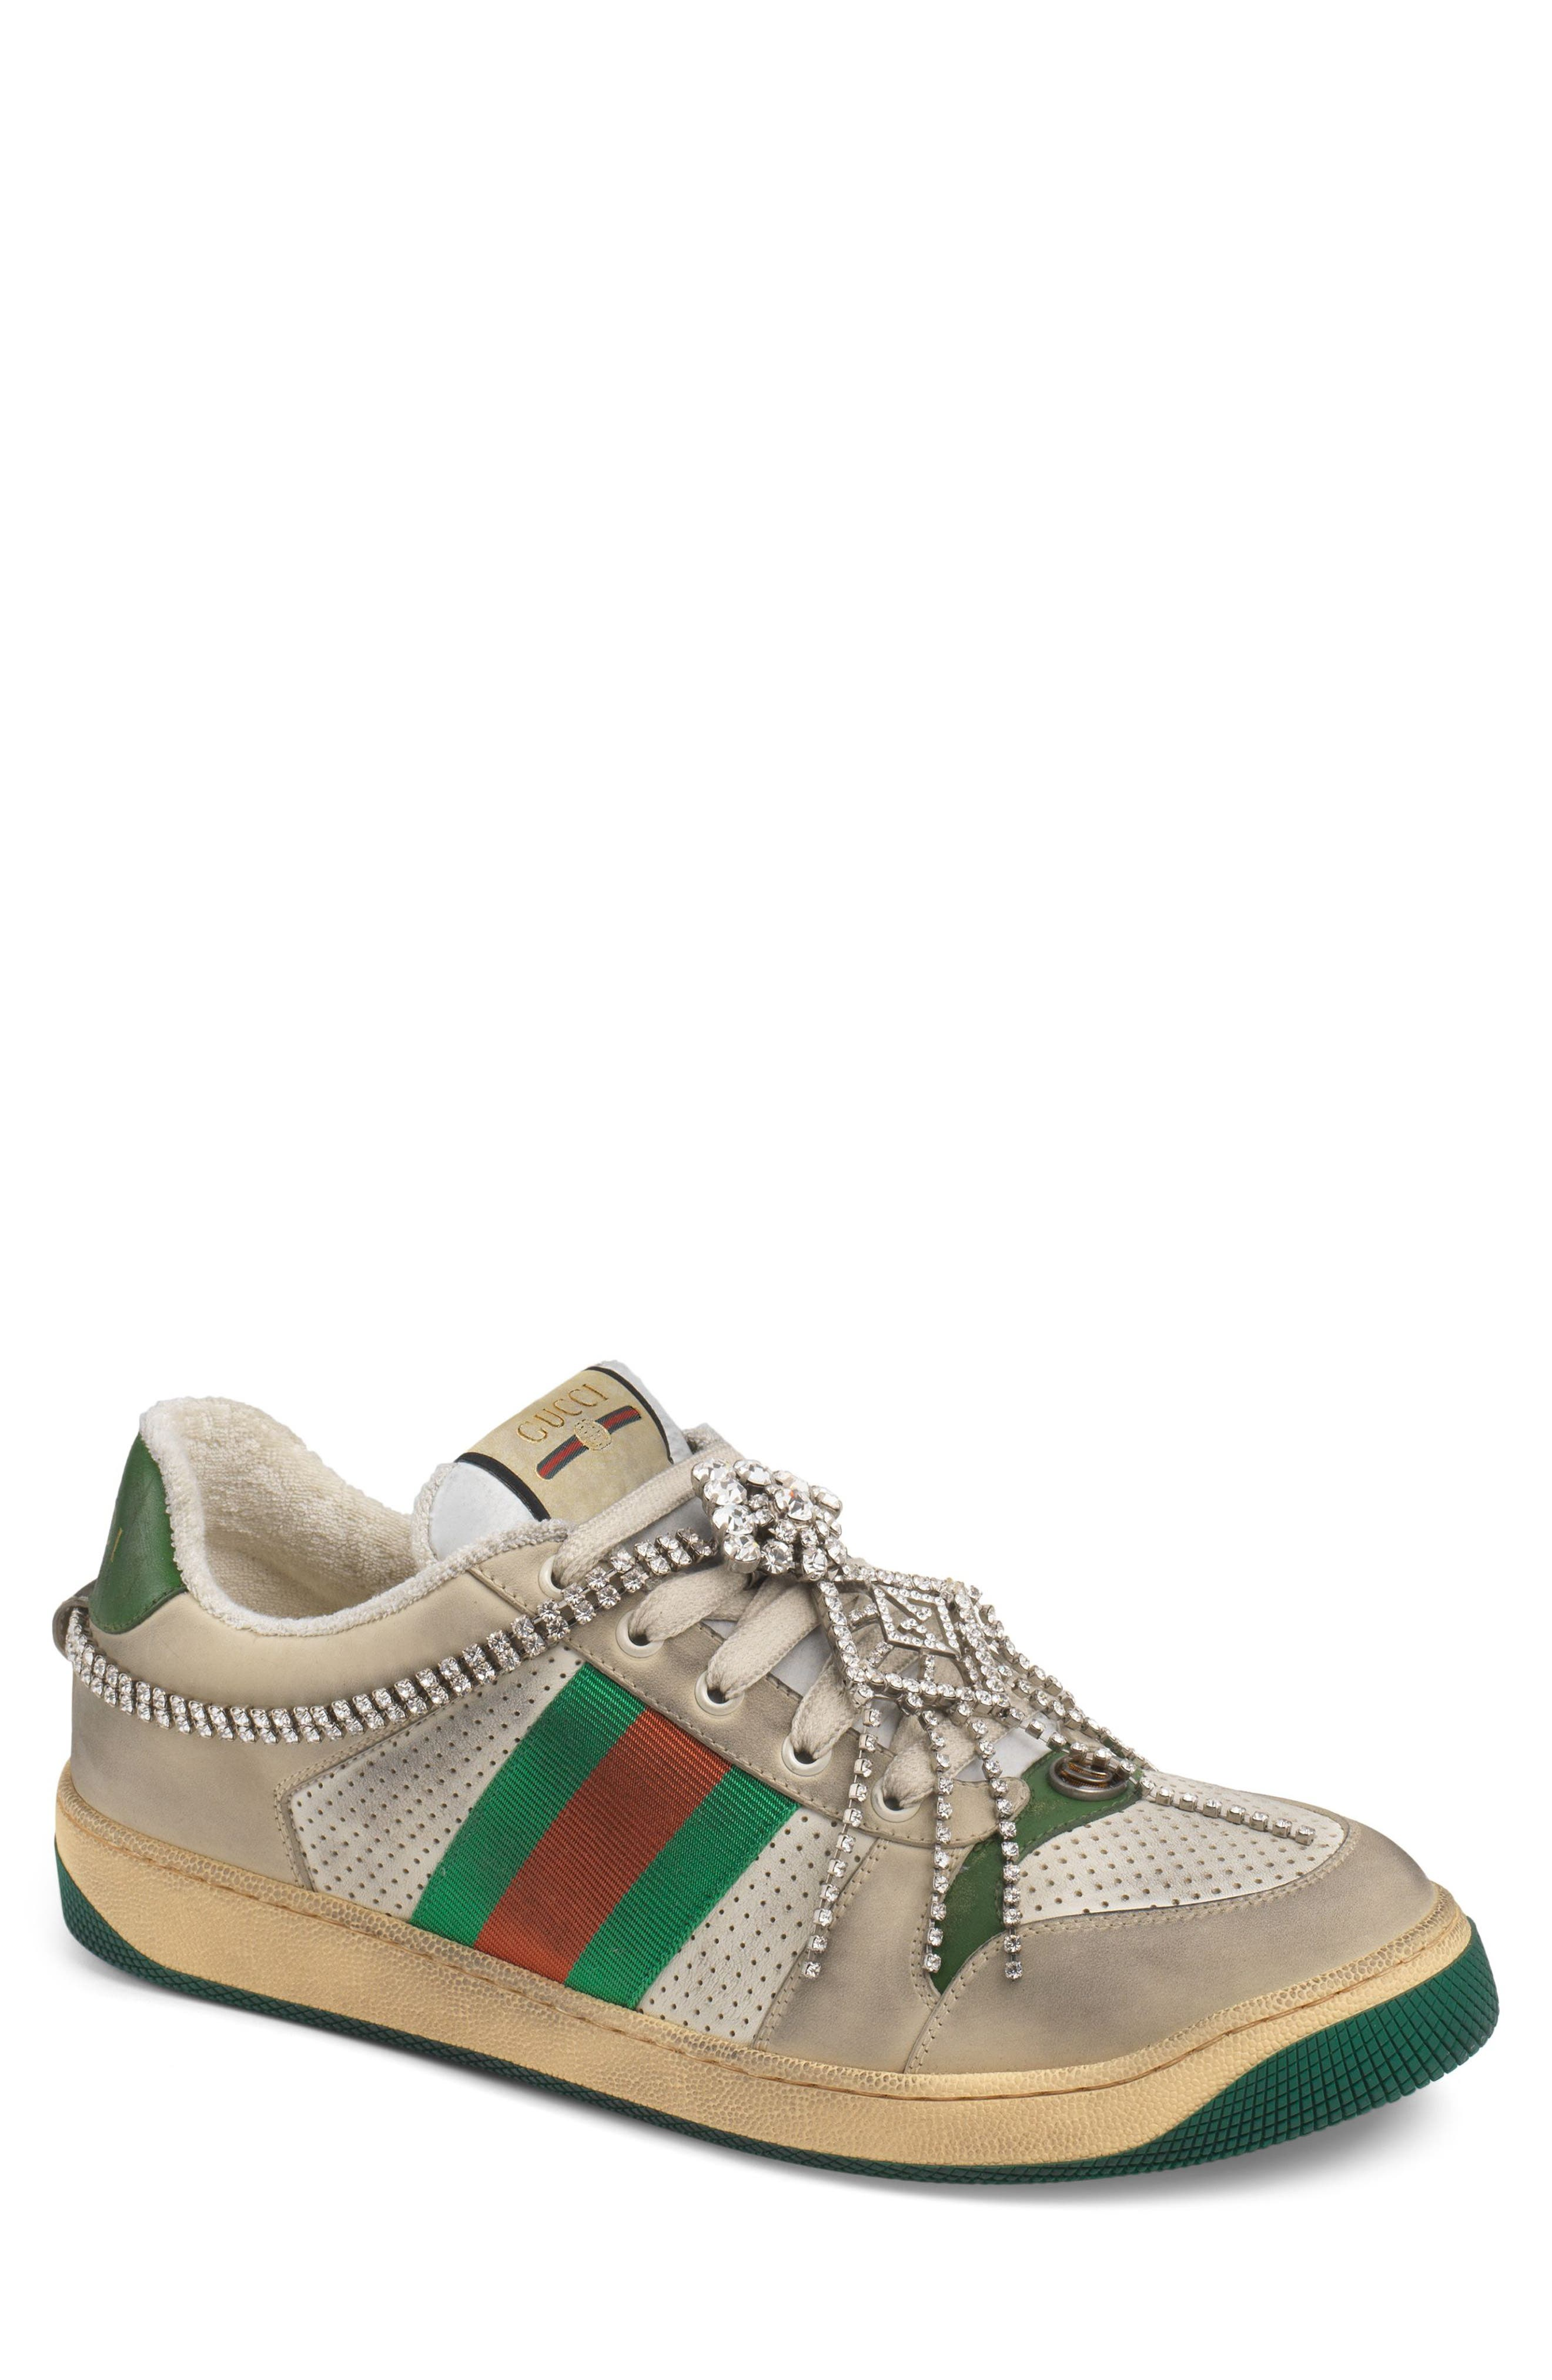 Screener Jewel Sneaker,                             Main thumbnail 1, color,                             BEIGE/ GREEN/ RED